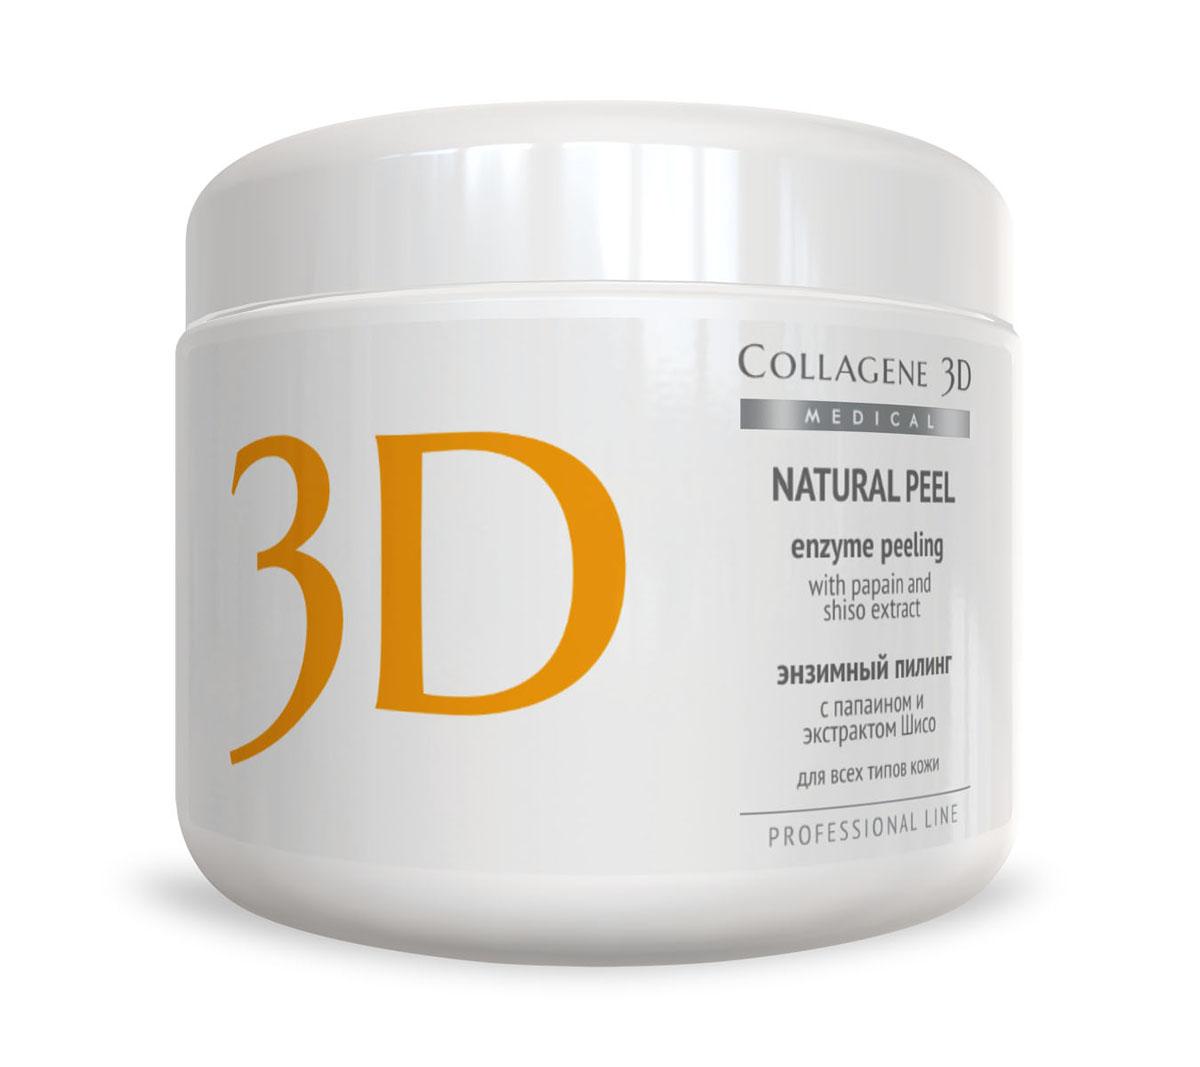 Medical Collagene 3D Пилинг ферментативный для лица Natural peel с папаином и шисо, 150 г26007Особенно рекомендуется применять для тусклой и уставшей кожи. Благодаря активным компонентам деликатно удаляют ороговевшие частицы, кожа становится чистой, цвет лица ровным и сияющим. Можно применять в любое время года.